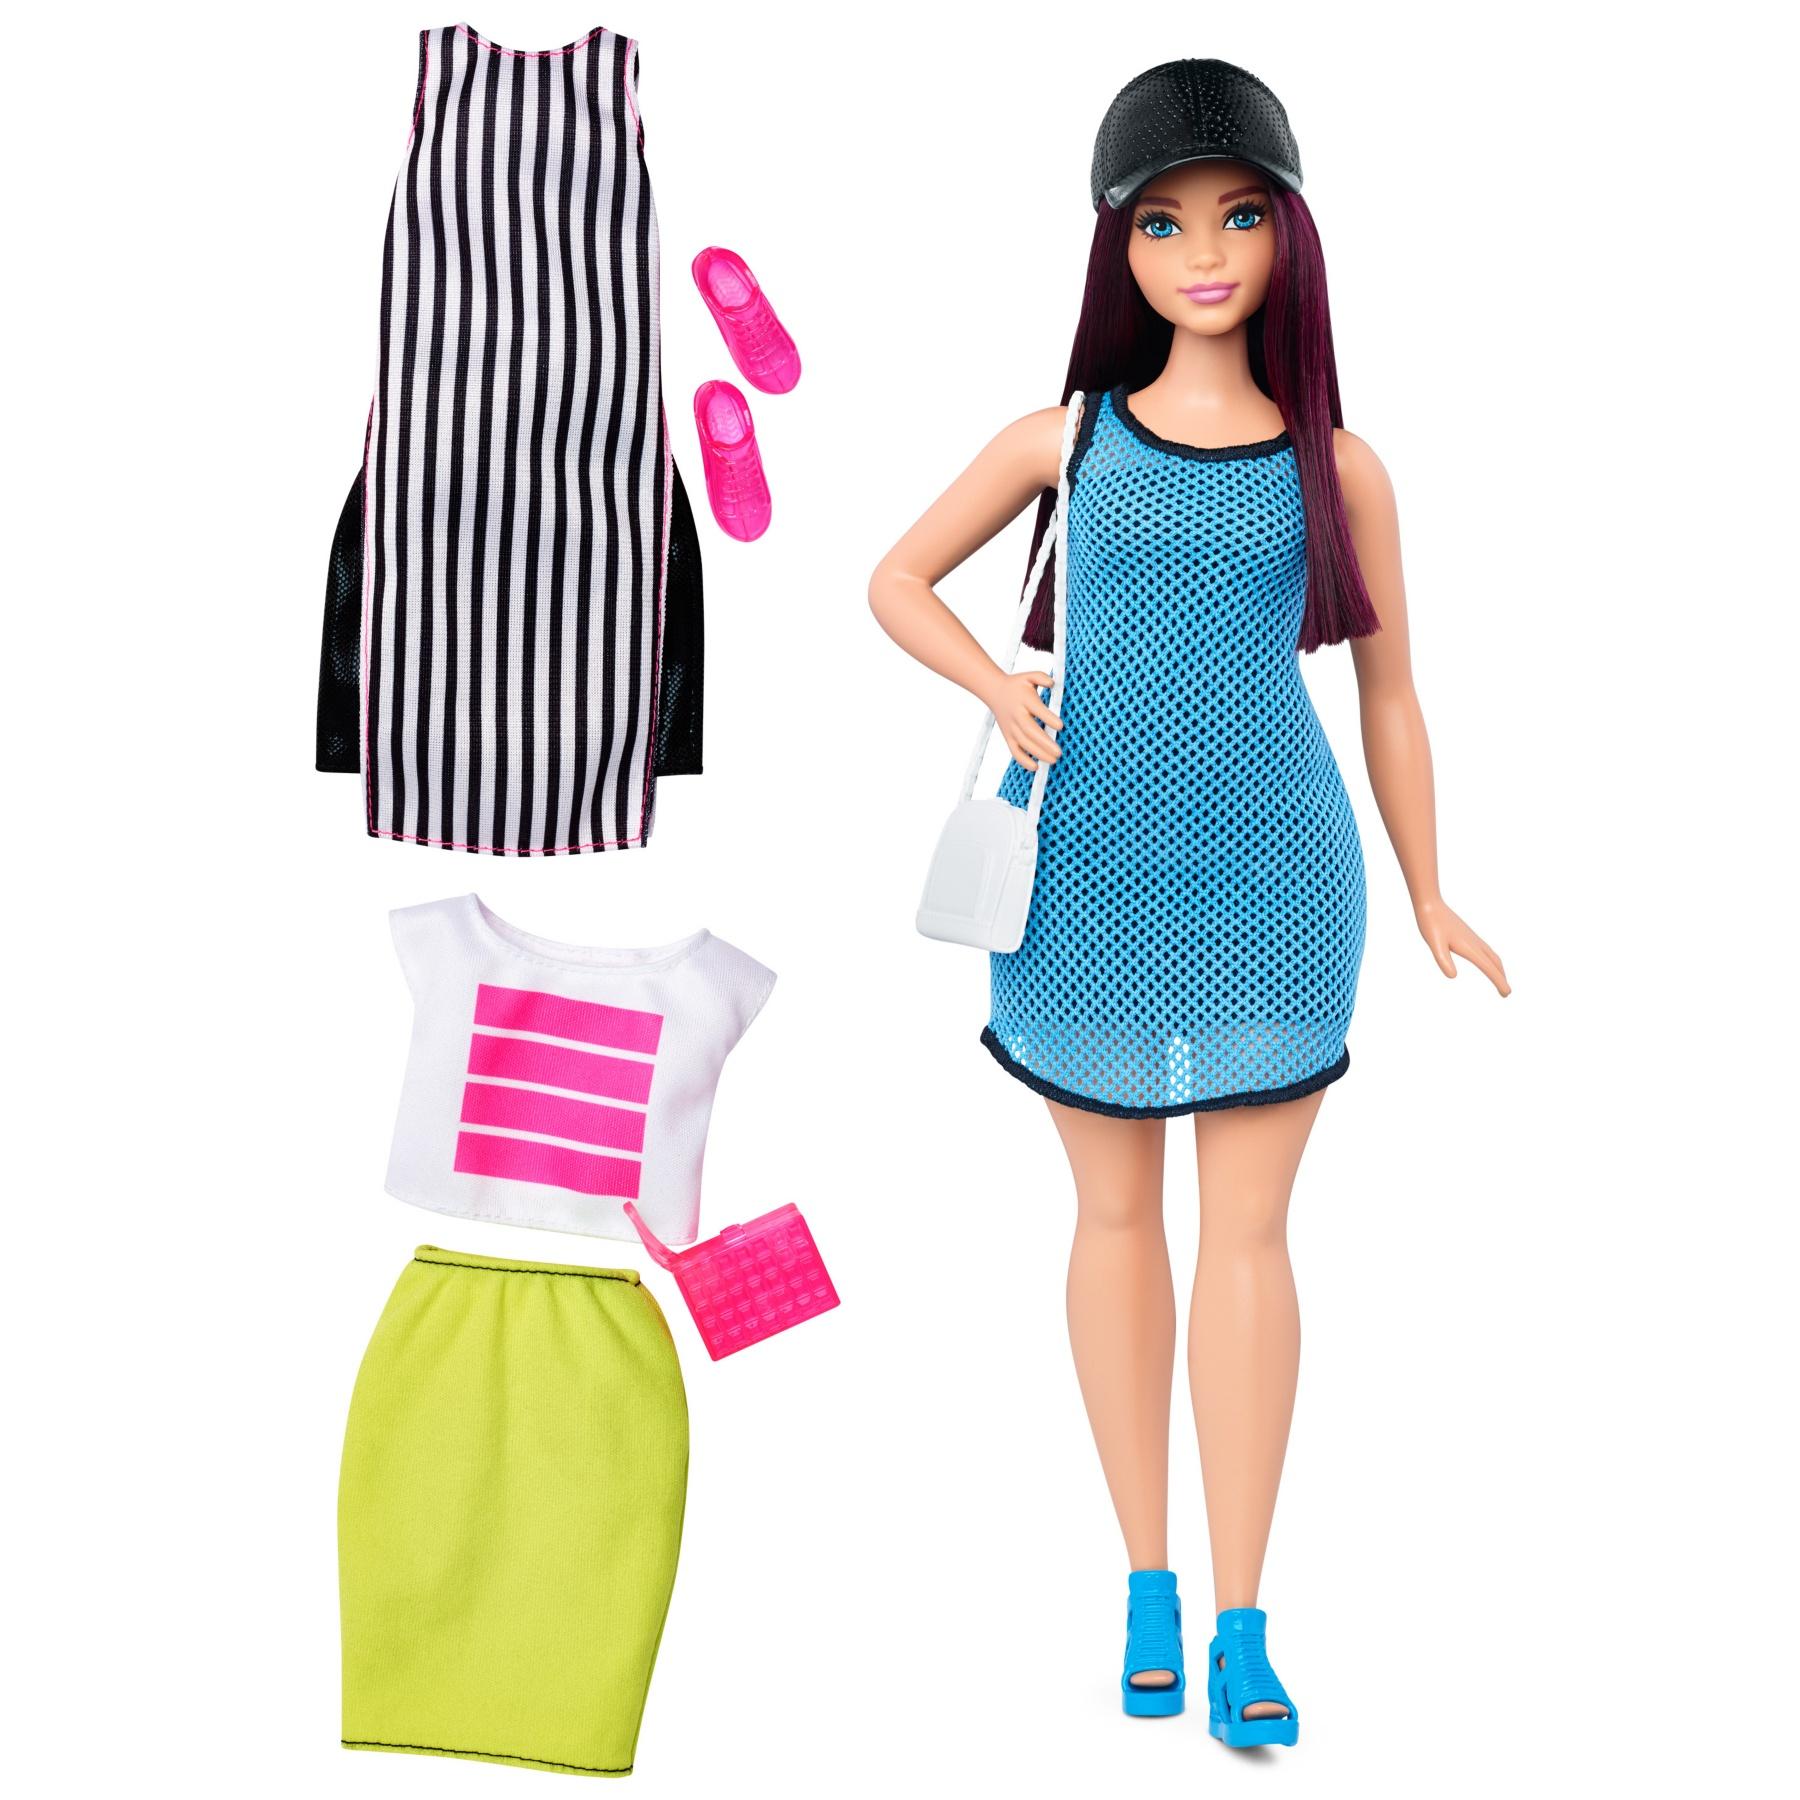 будете кукла барби одежда если попробовать